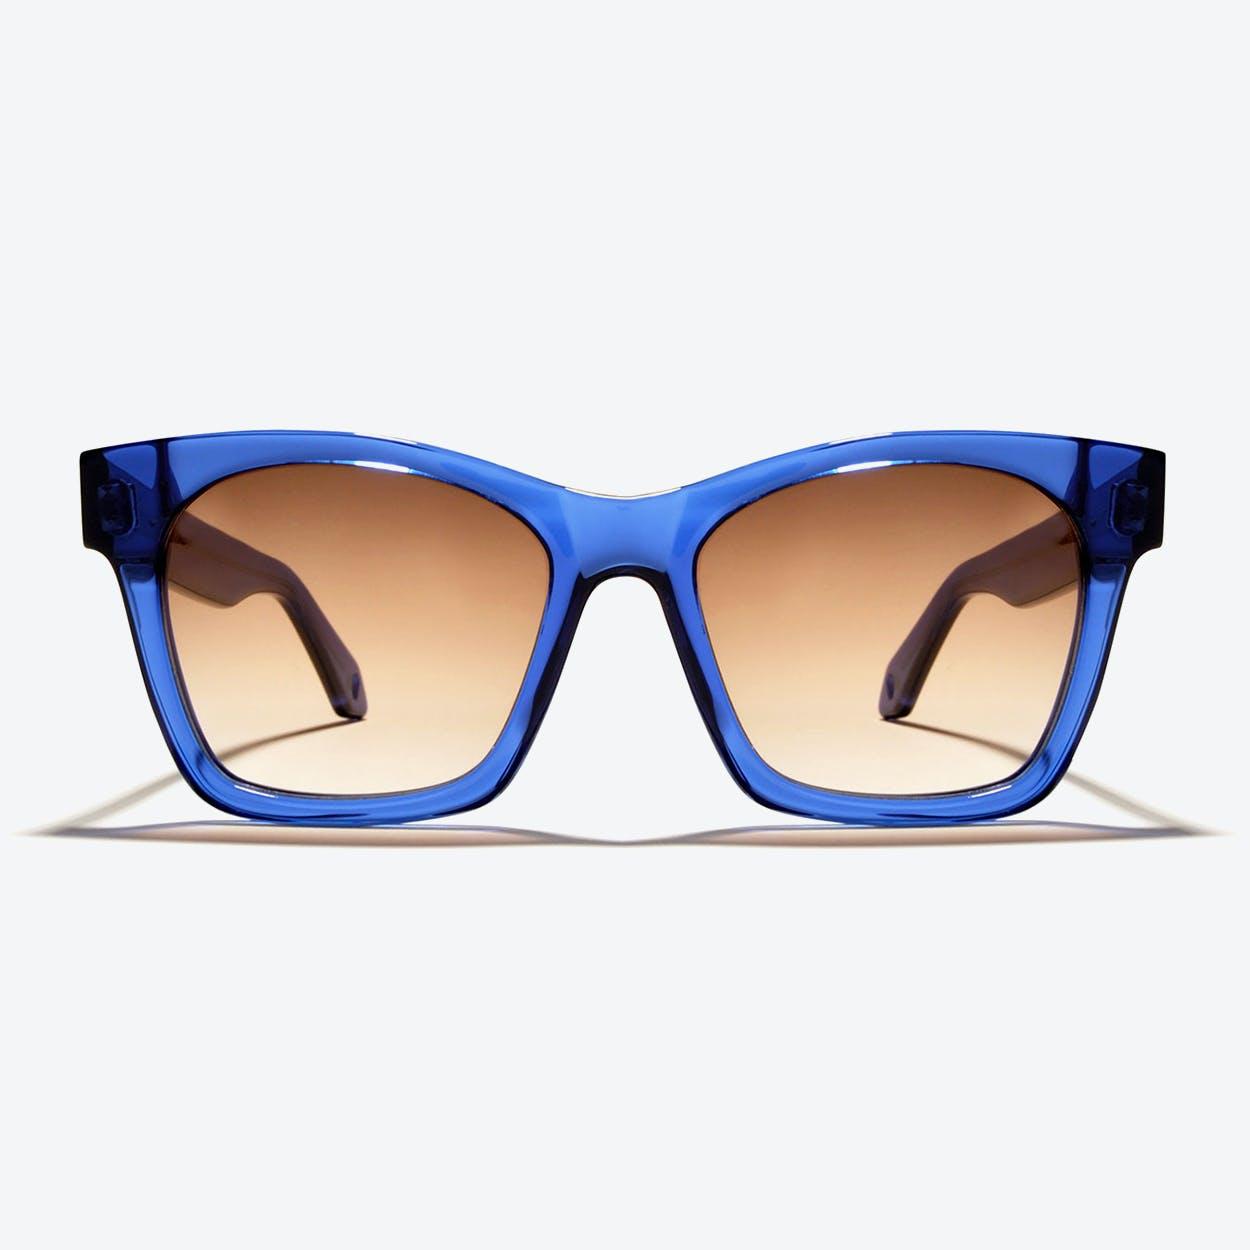 Draco Sunglasses in Blue